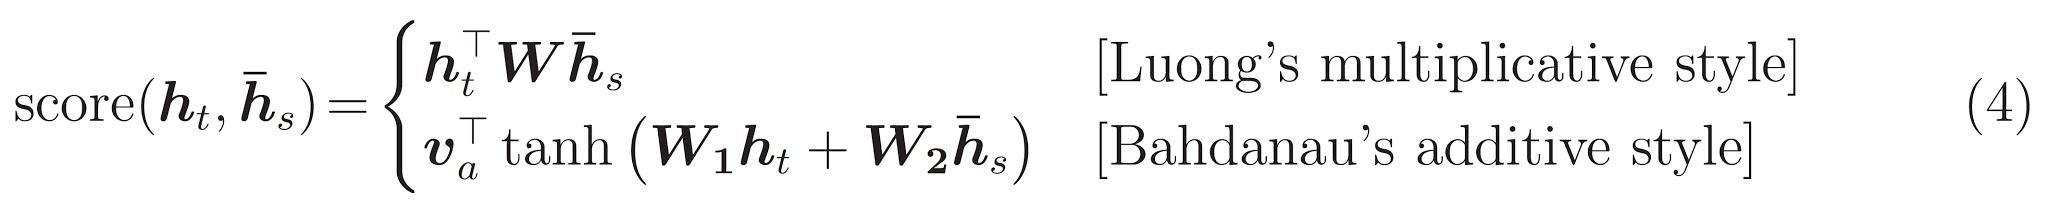 attenzione equazione 4